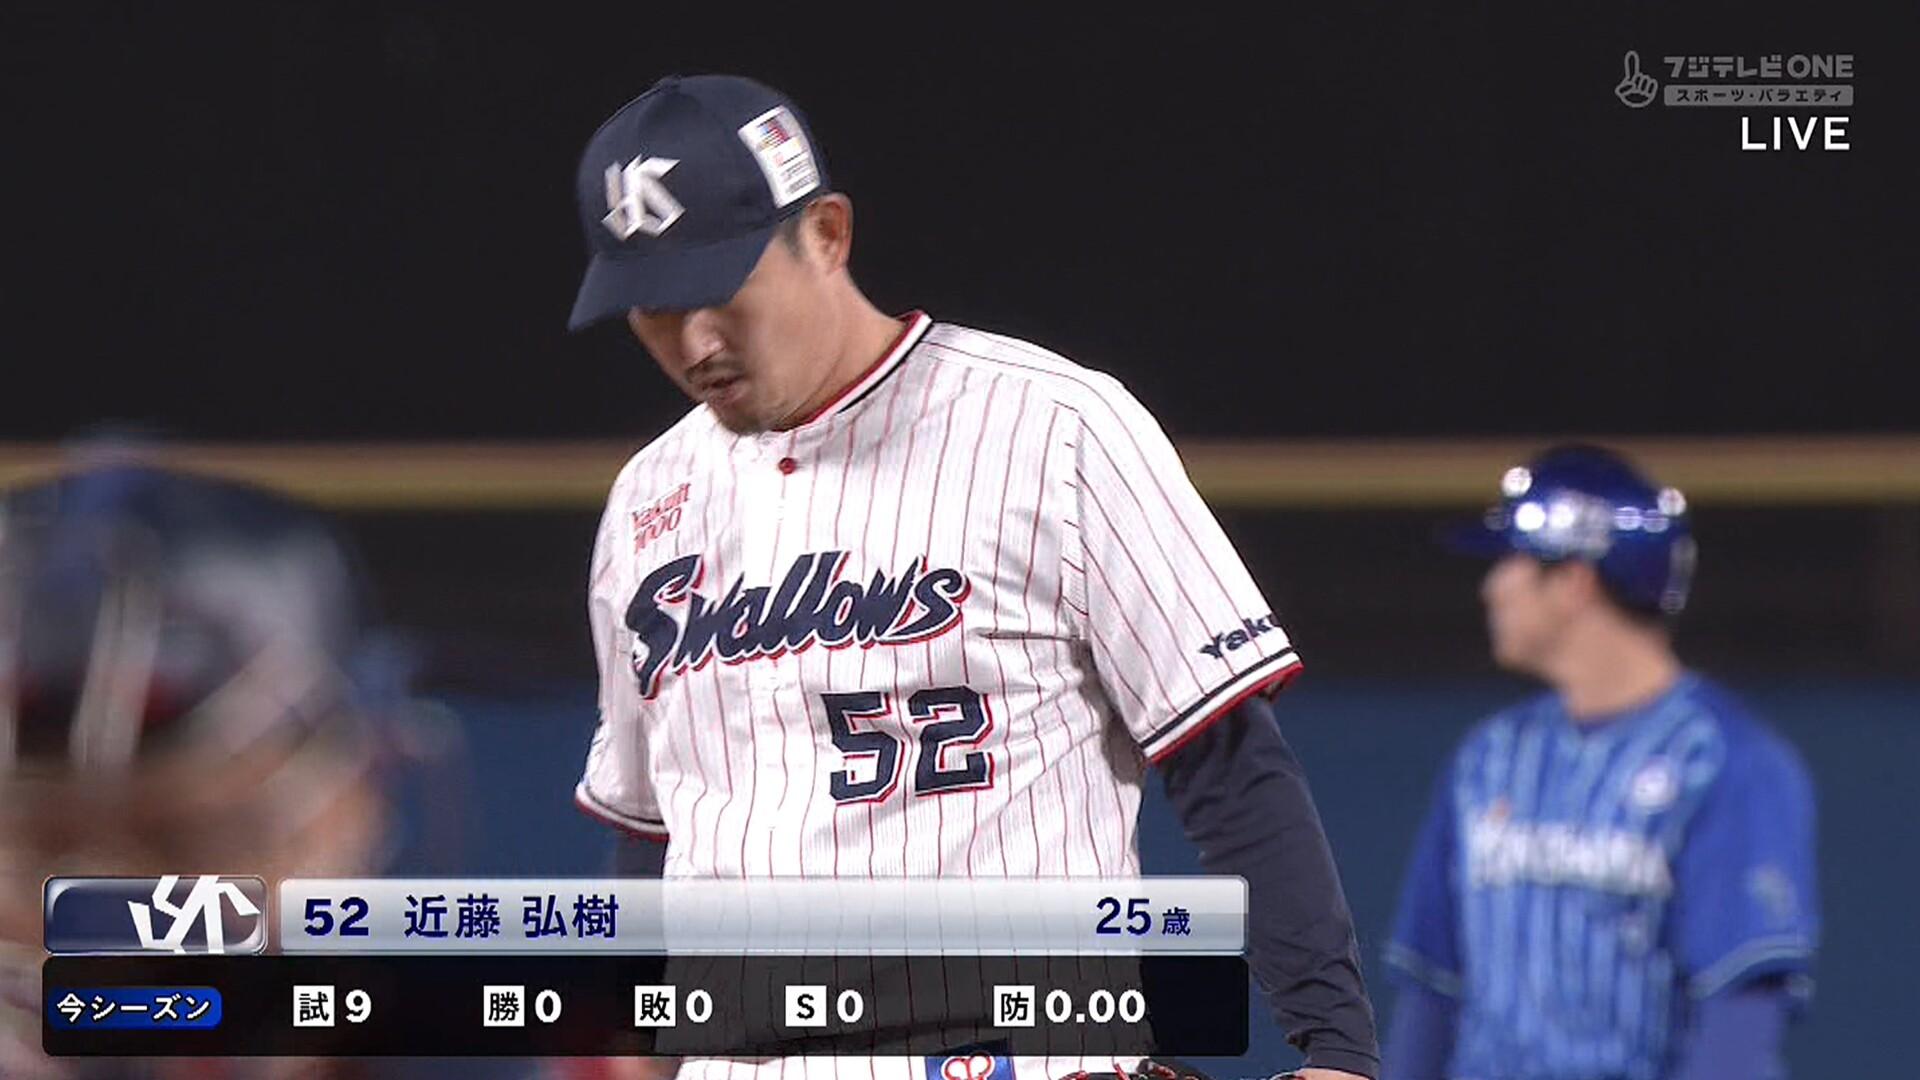 ヤクルト・近藤弘樹 10試合(1位) 4ホールド 防御率0.00